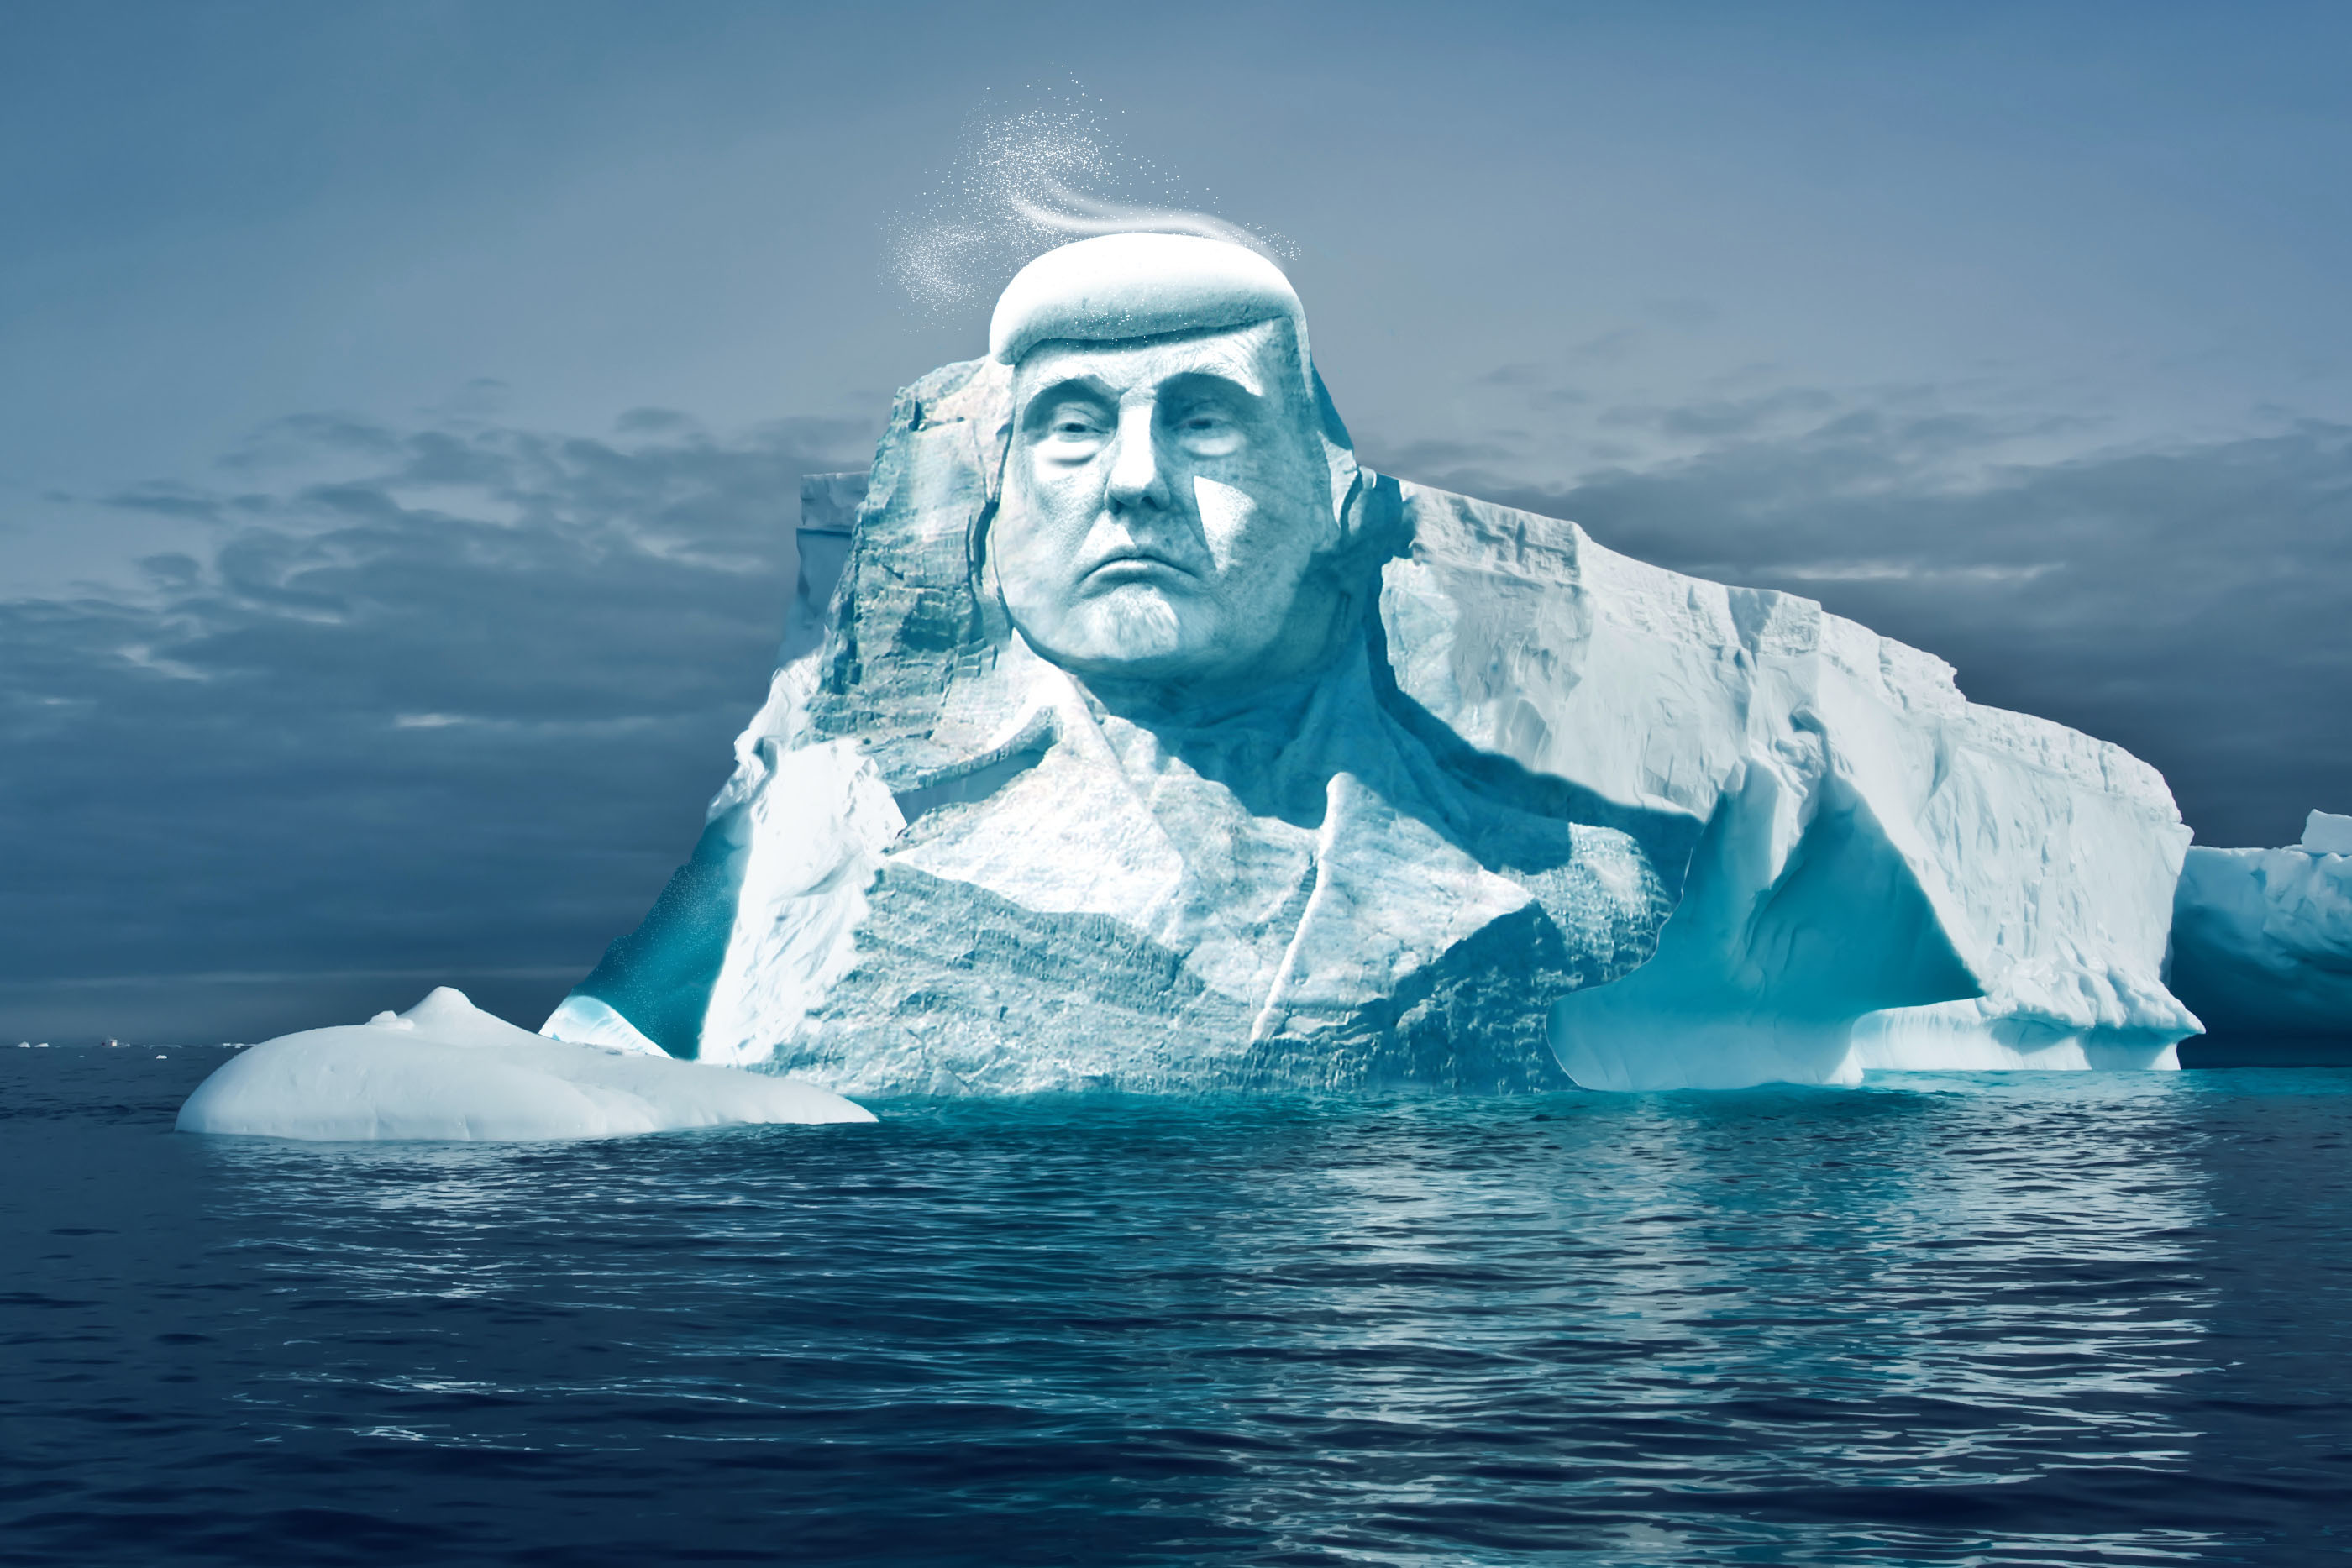 Финские экологи хотят высечь ледяную голову Трампа вАрктике